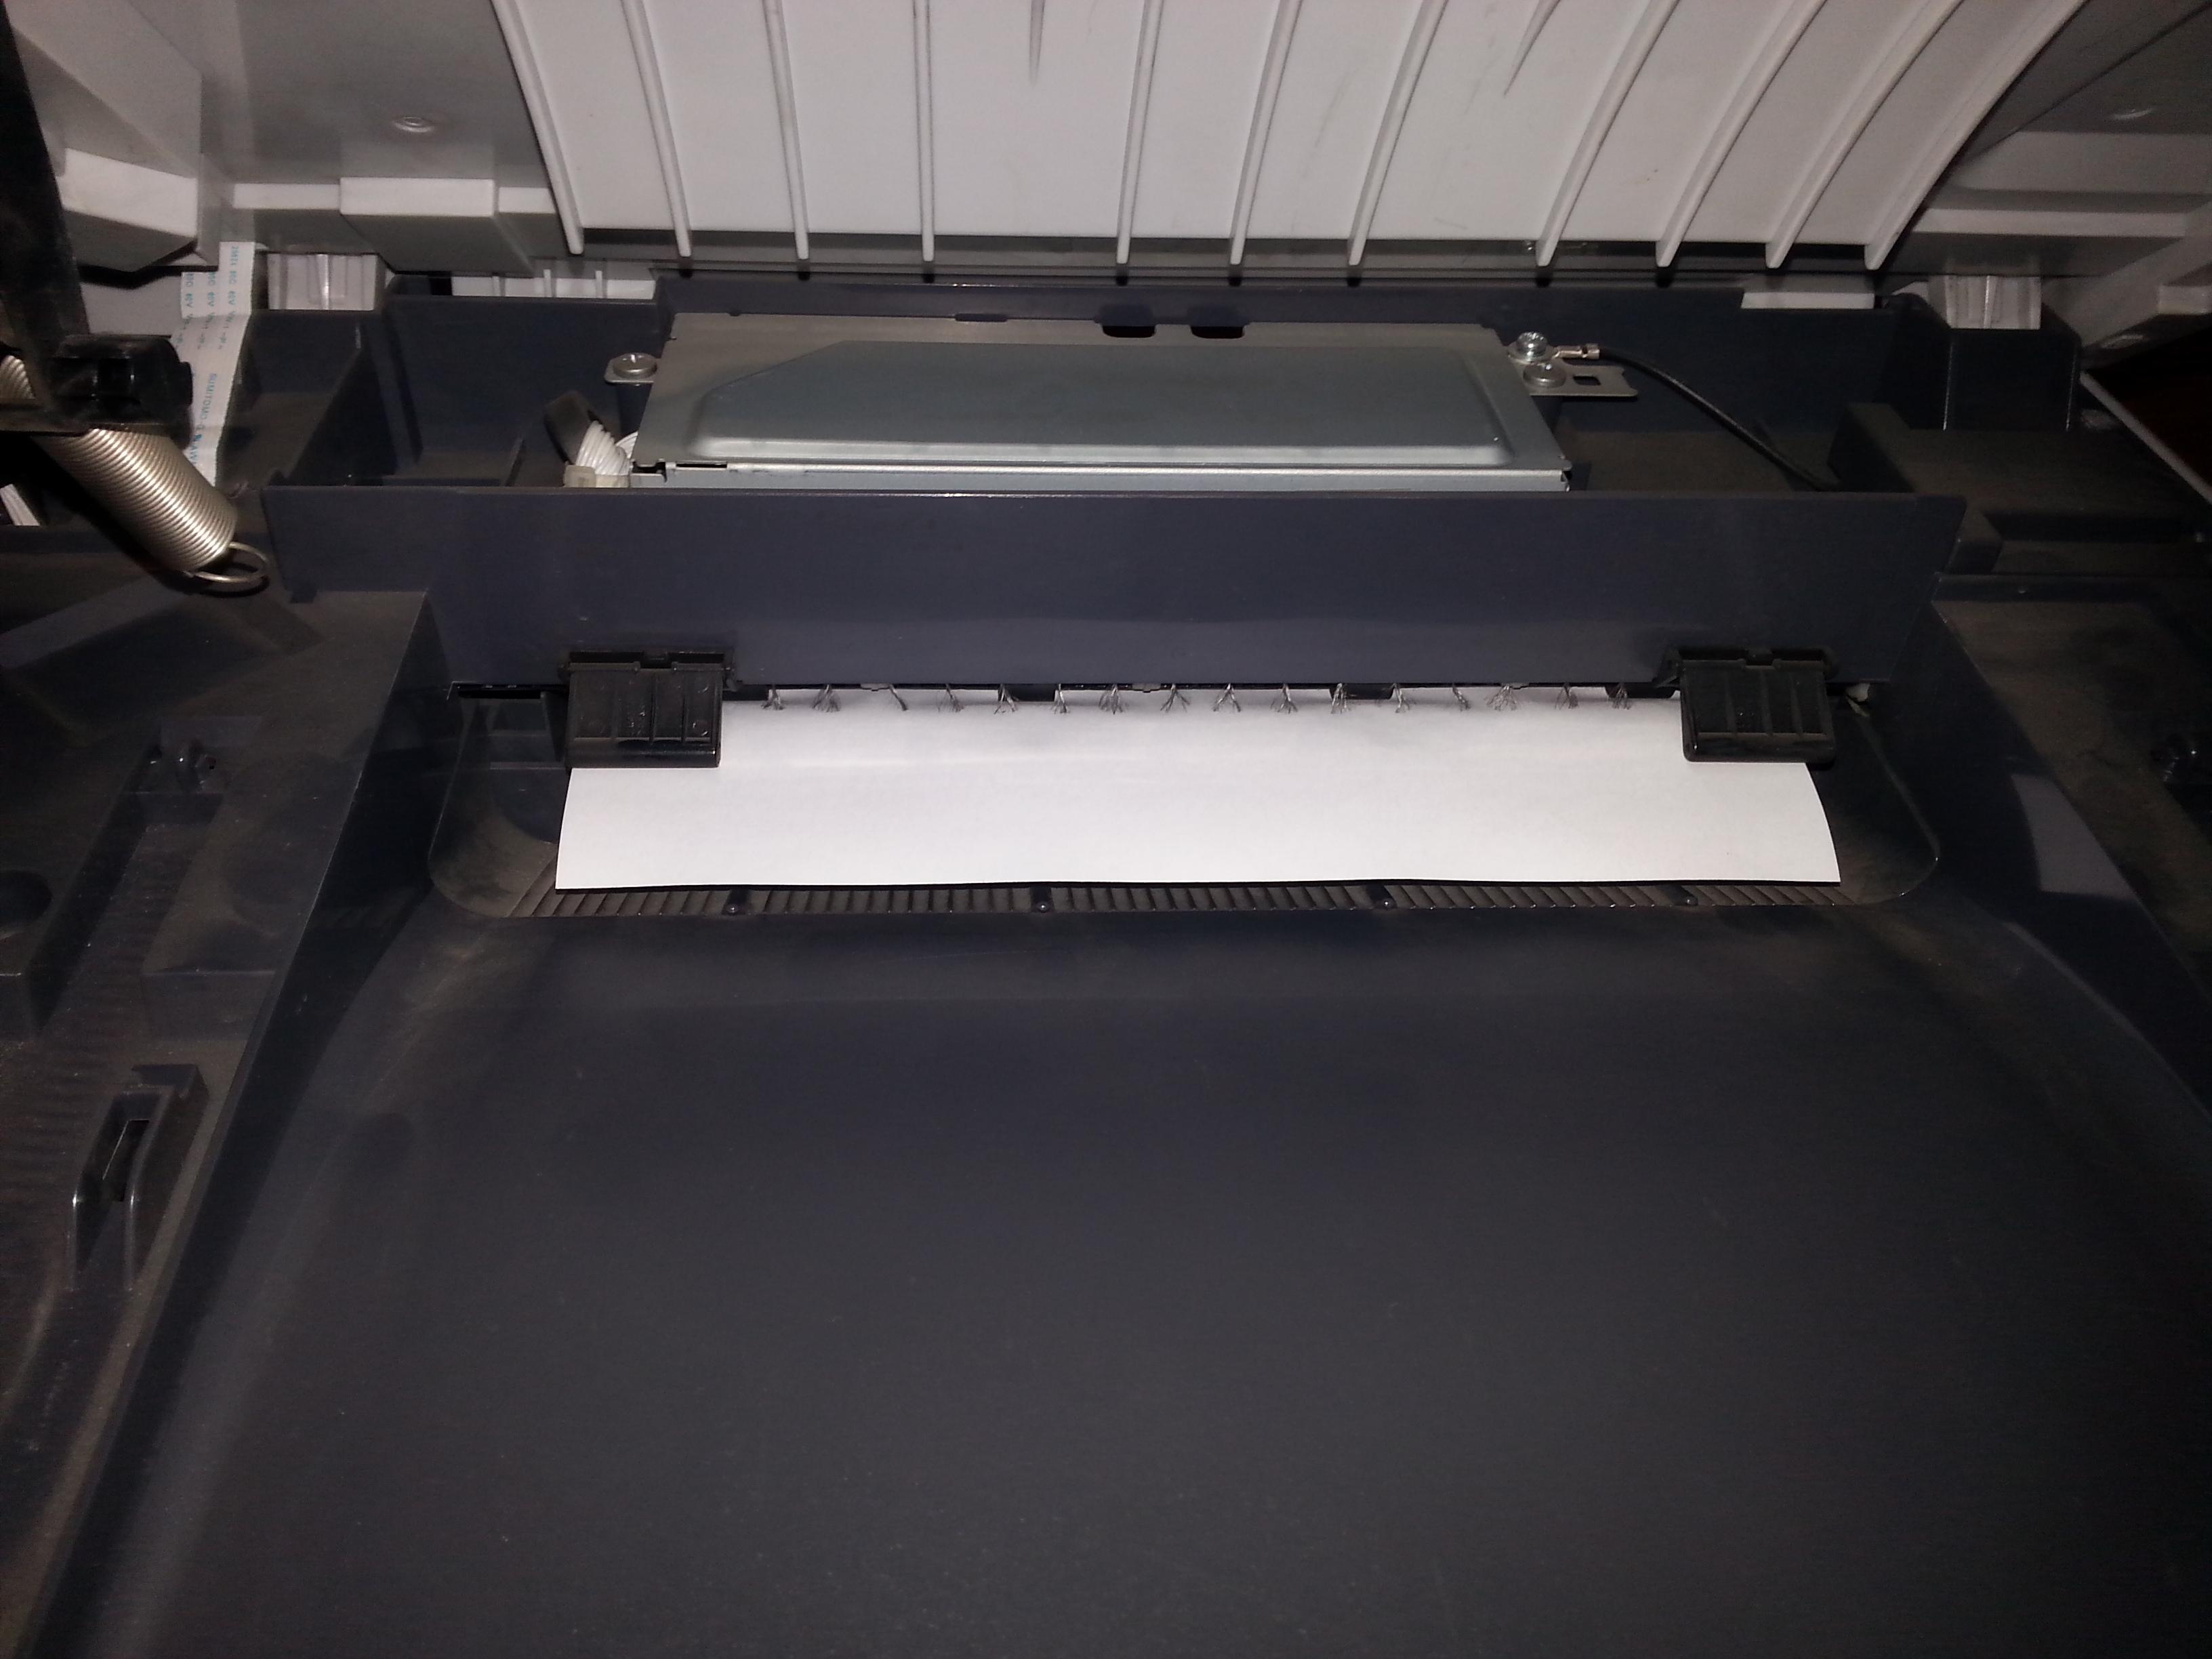 Brother 7820N - zator papieru na wyj�ciu, zwija papier